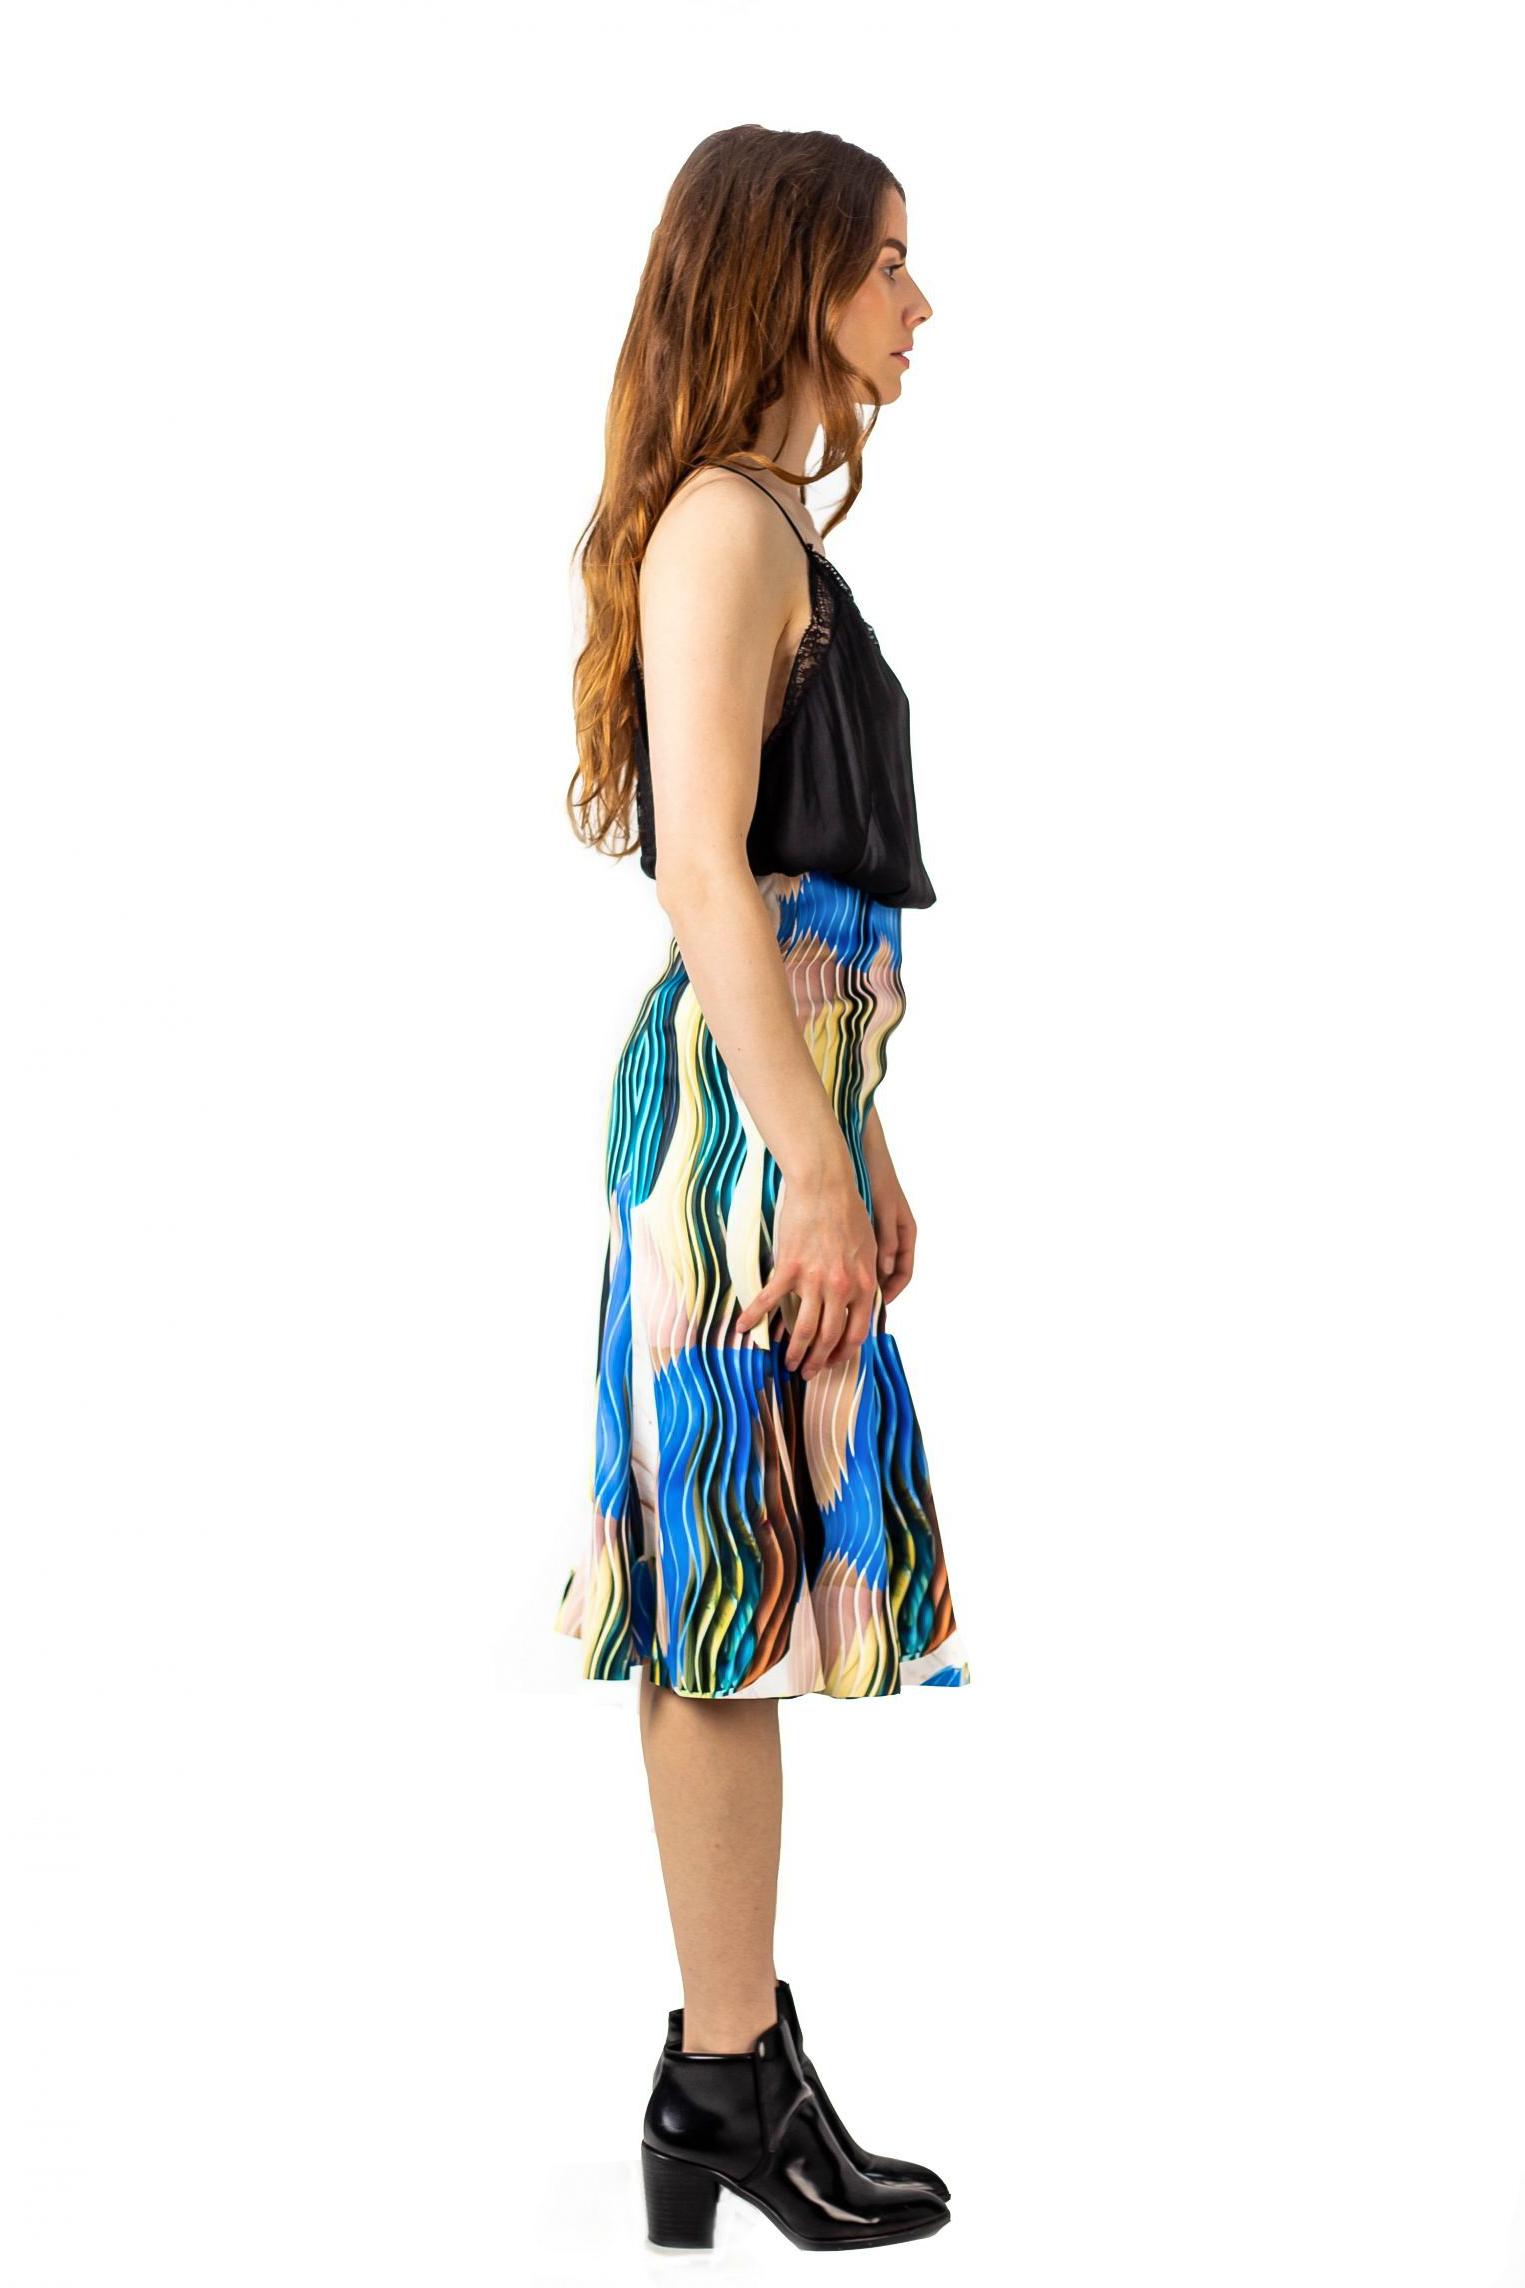 Jupe midi motif – Mi-longue en tissu souple – Vue de profil | Label AÉ